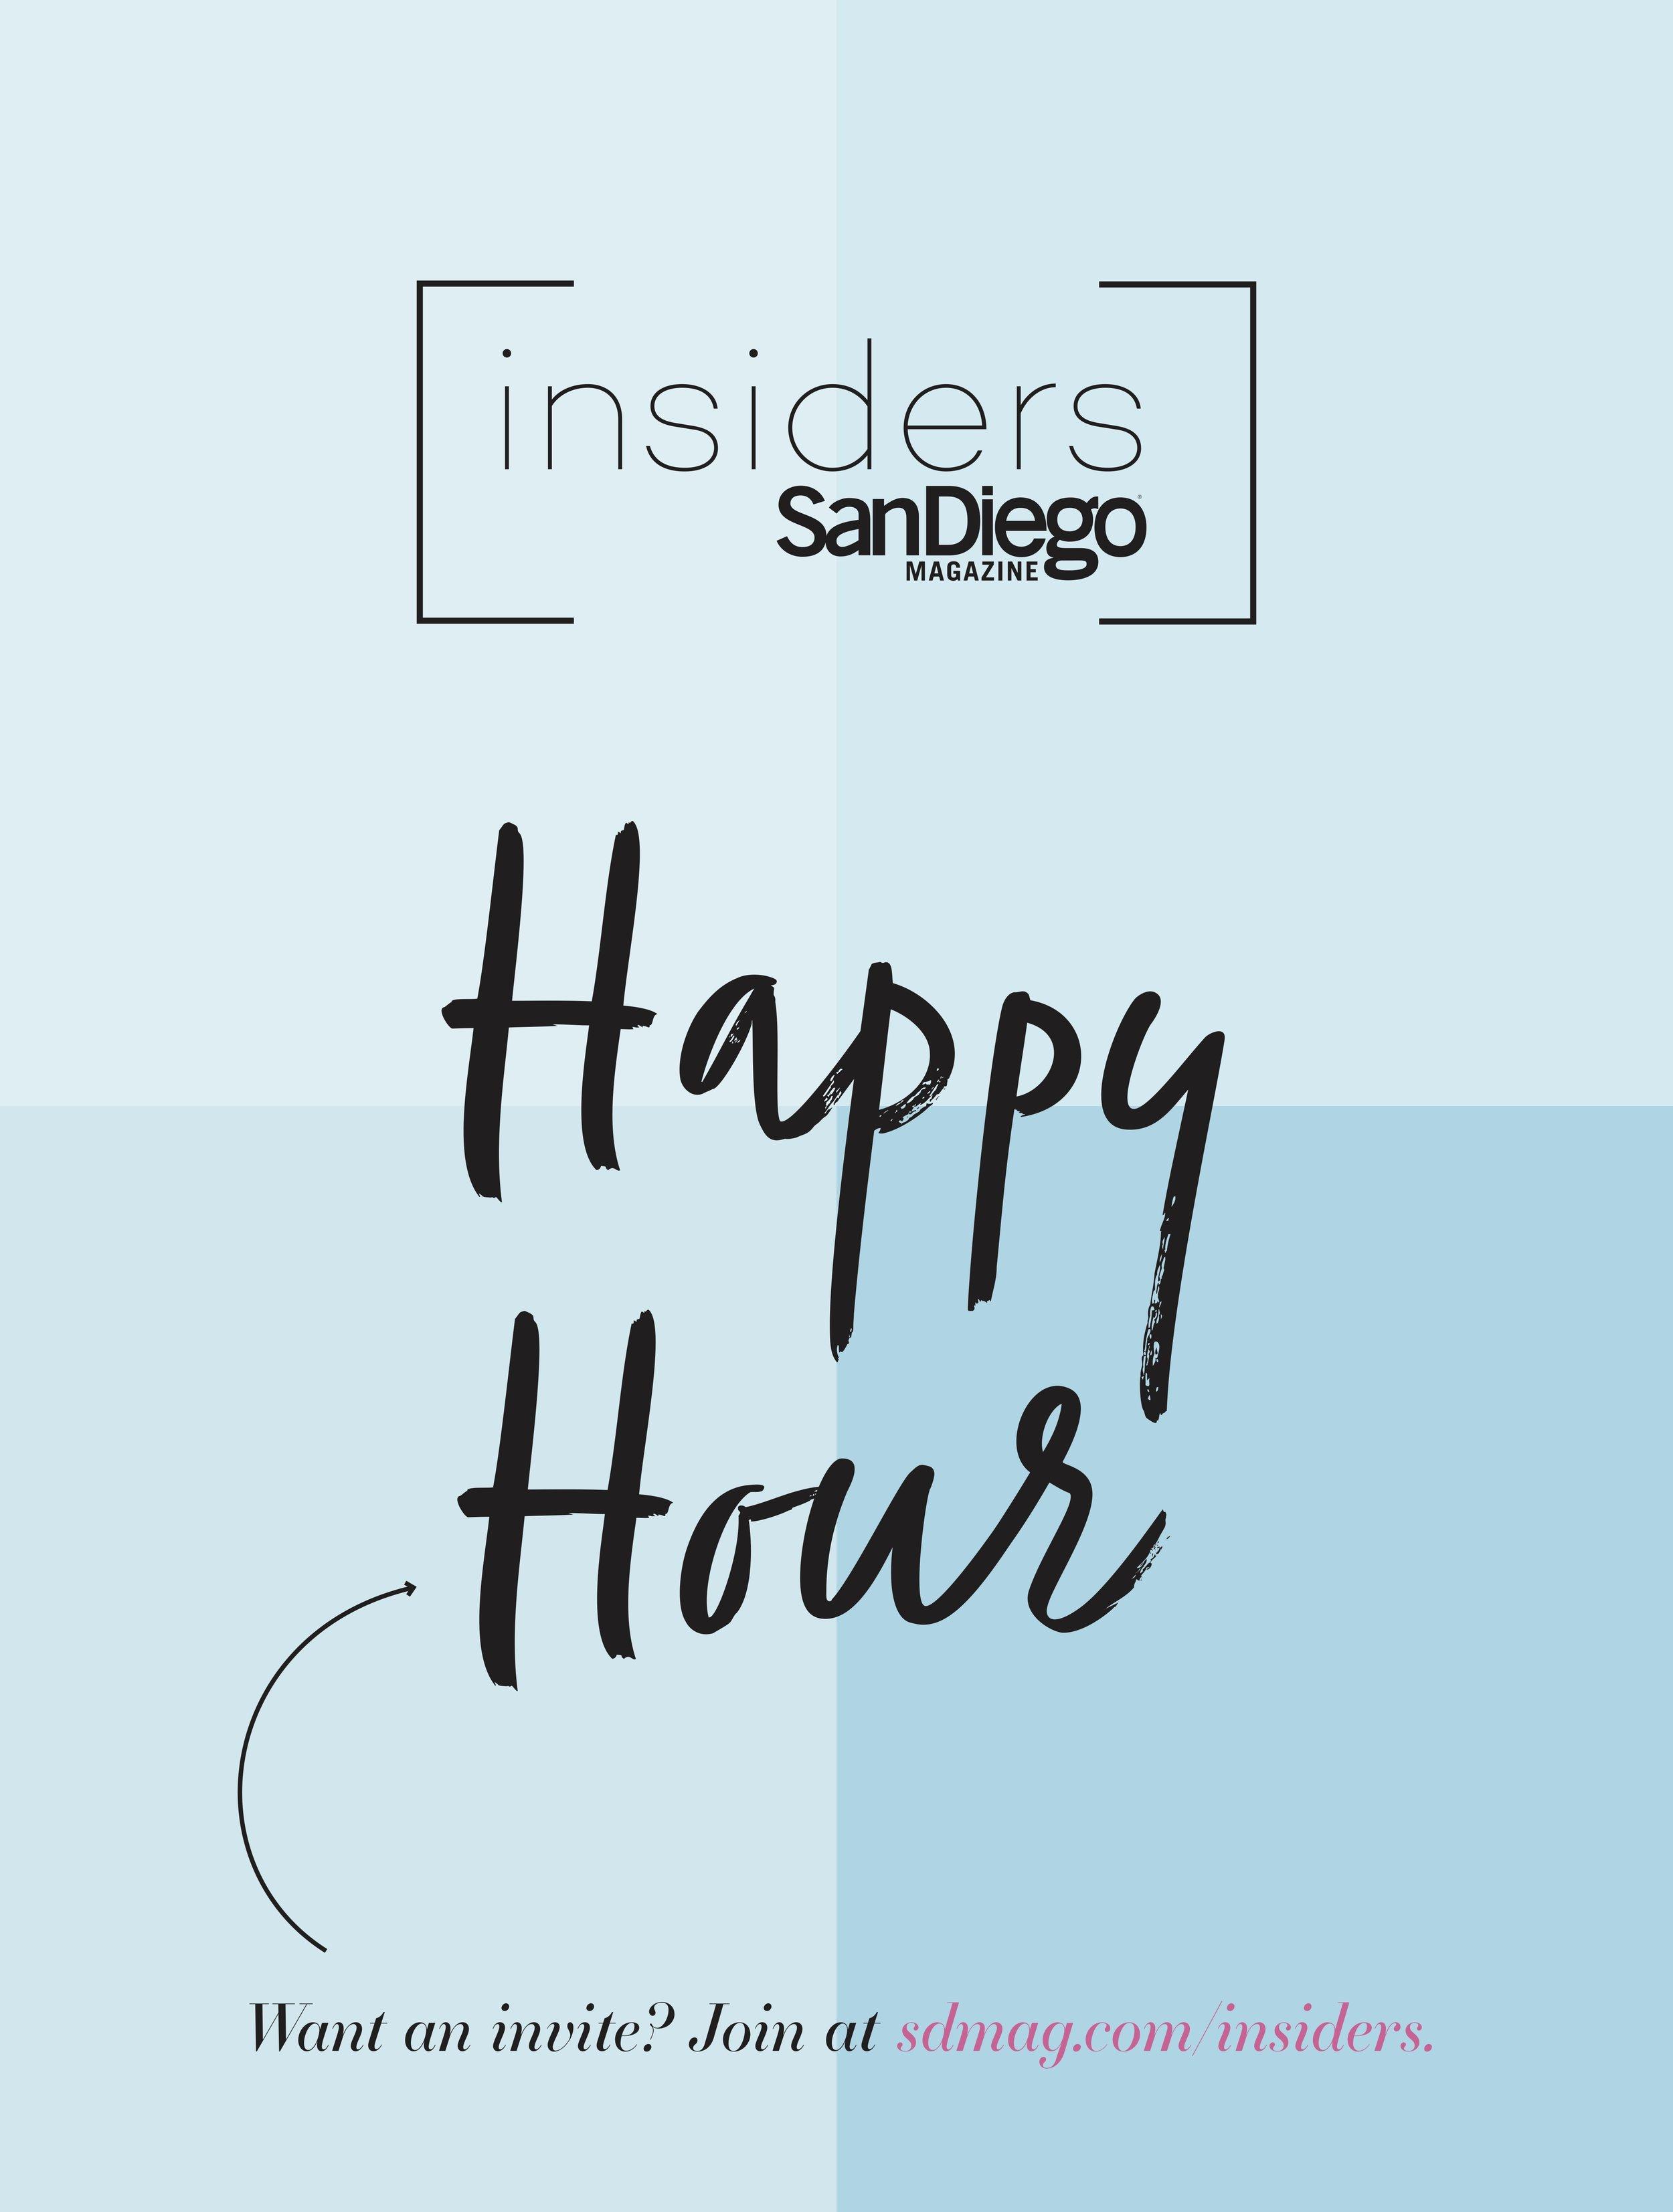 Insiders Happy Hour Logos2.jpg